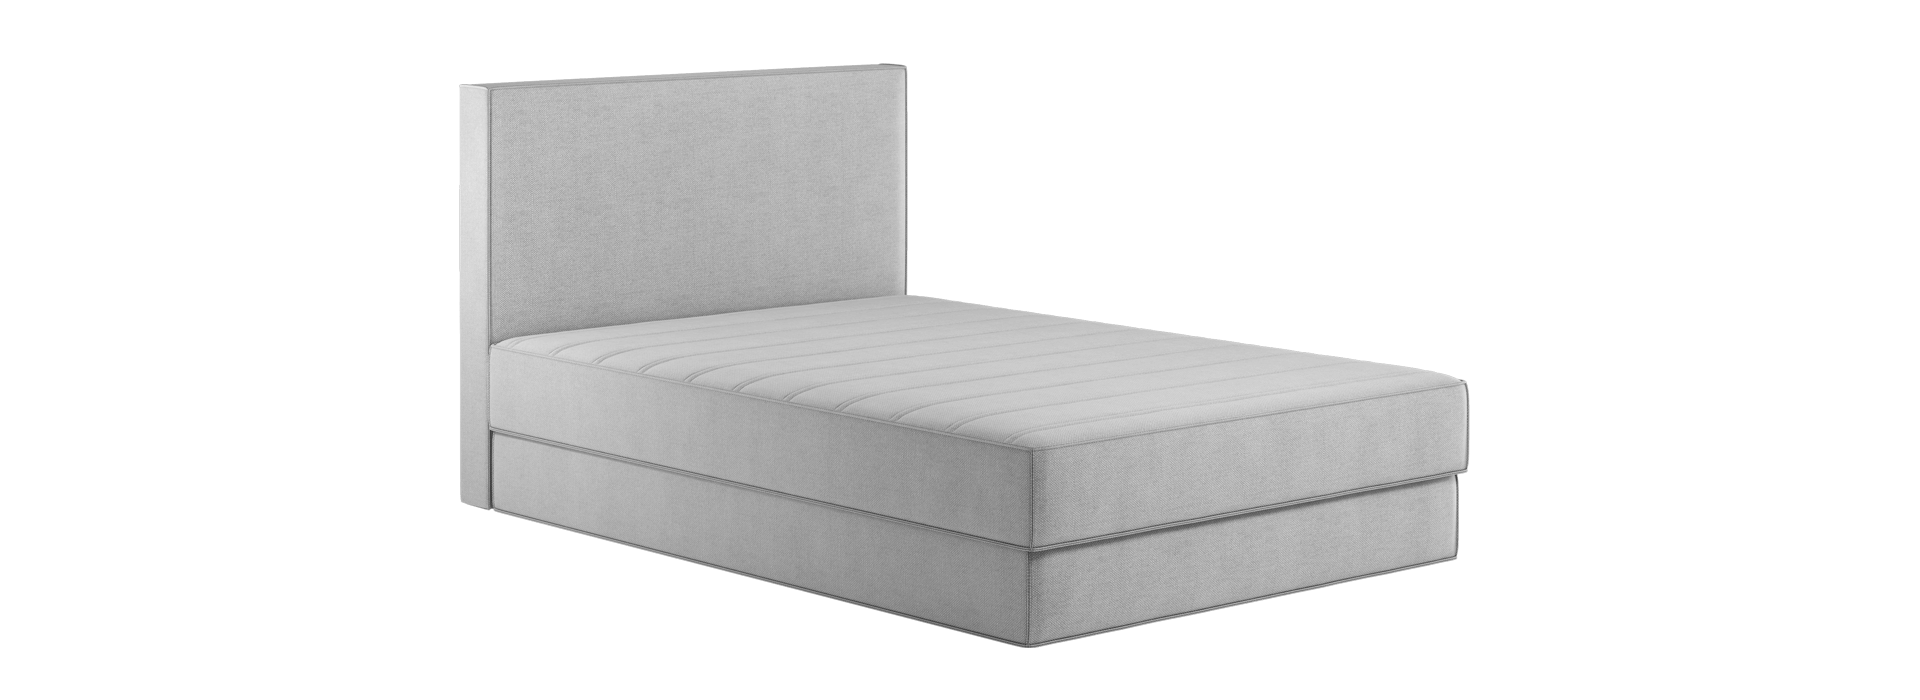 Ліна 1.4 ліжко з підйомником - маска 8